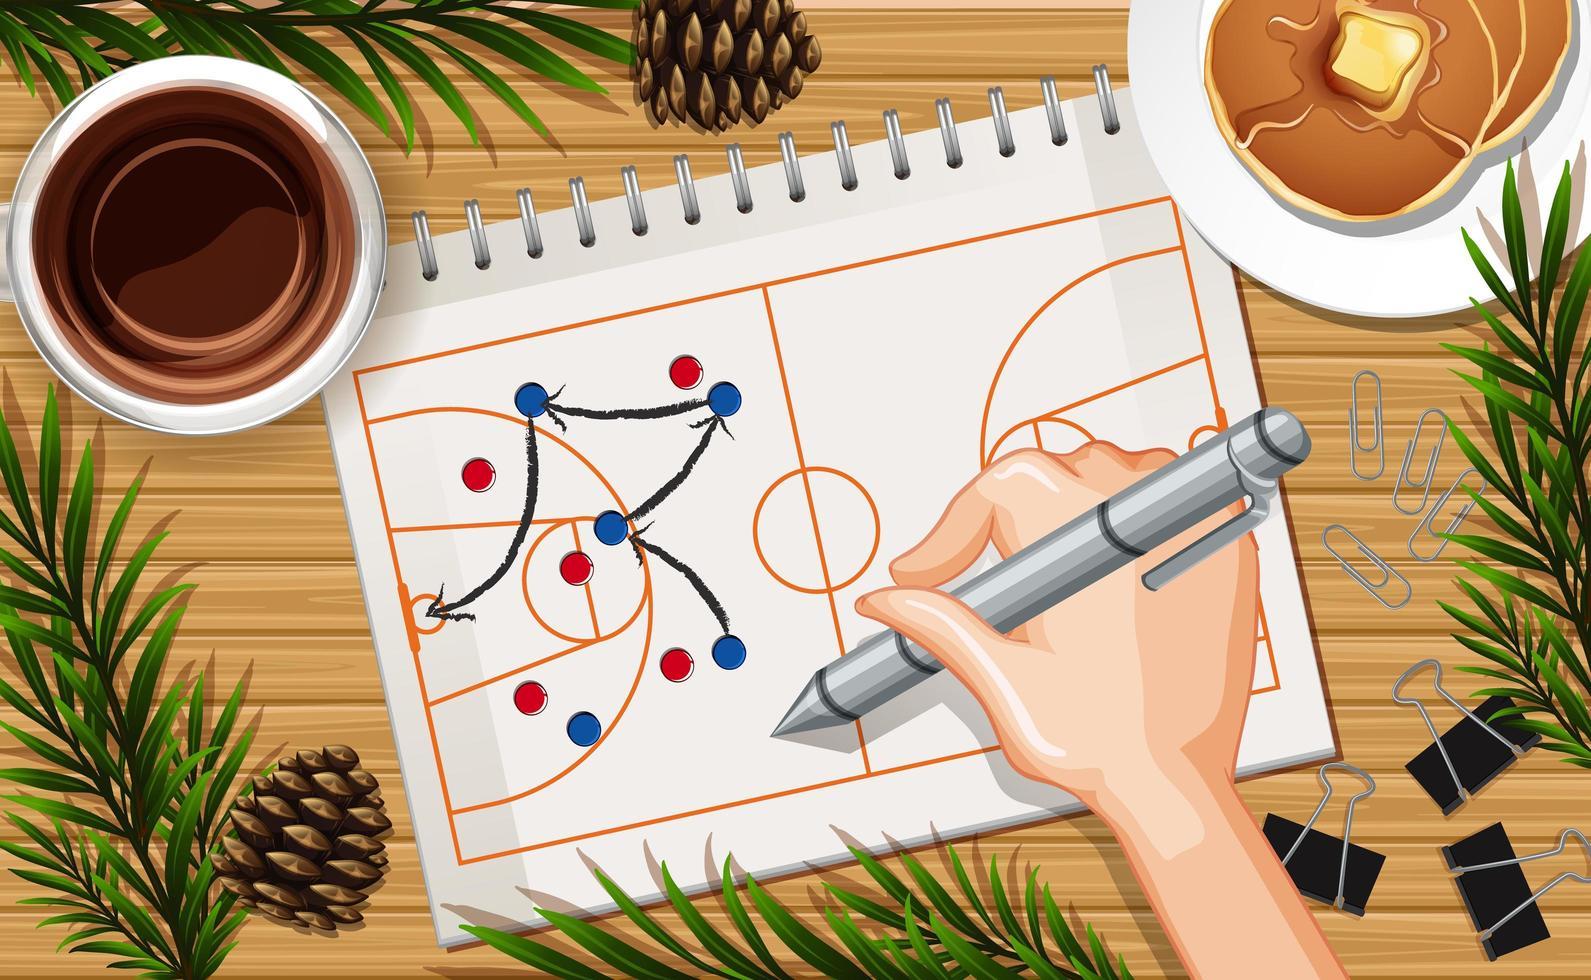 dessin à la main de basket-ball joue sur papier vecteur